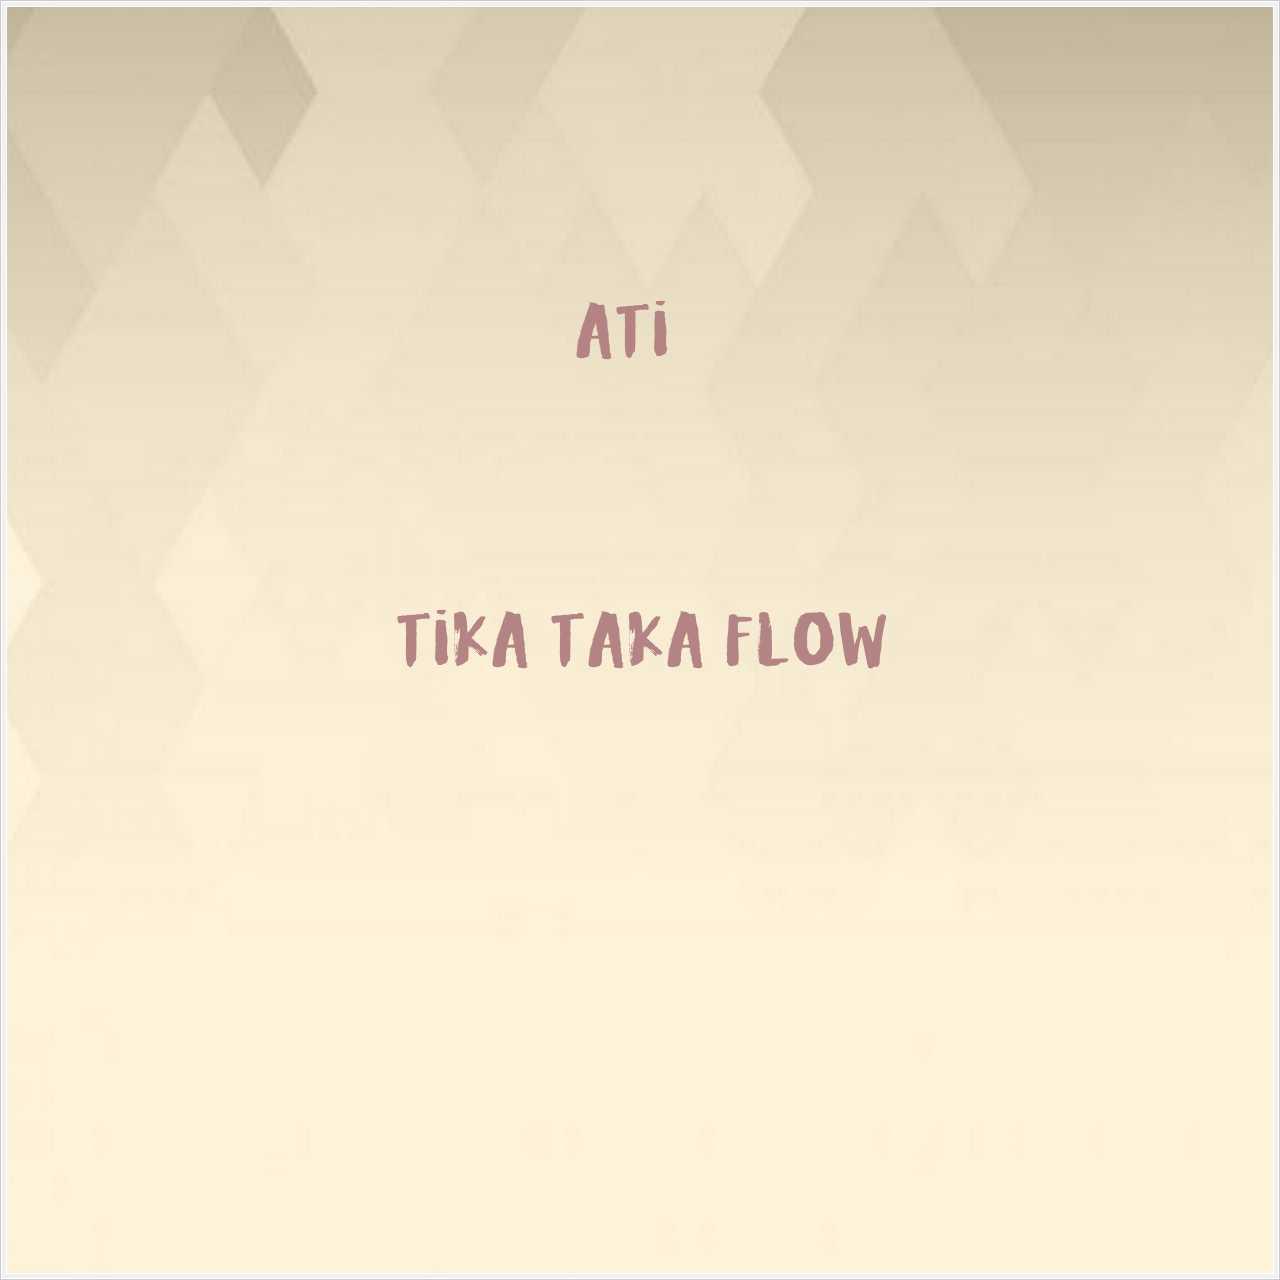 دانلود آهنگ جدید Ati242 به نام Tika Taka Flow